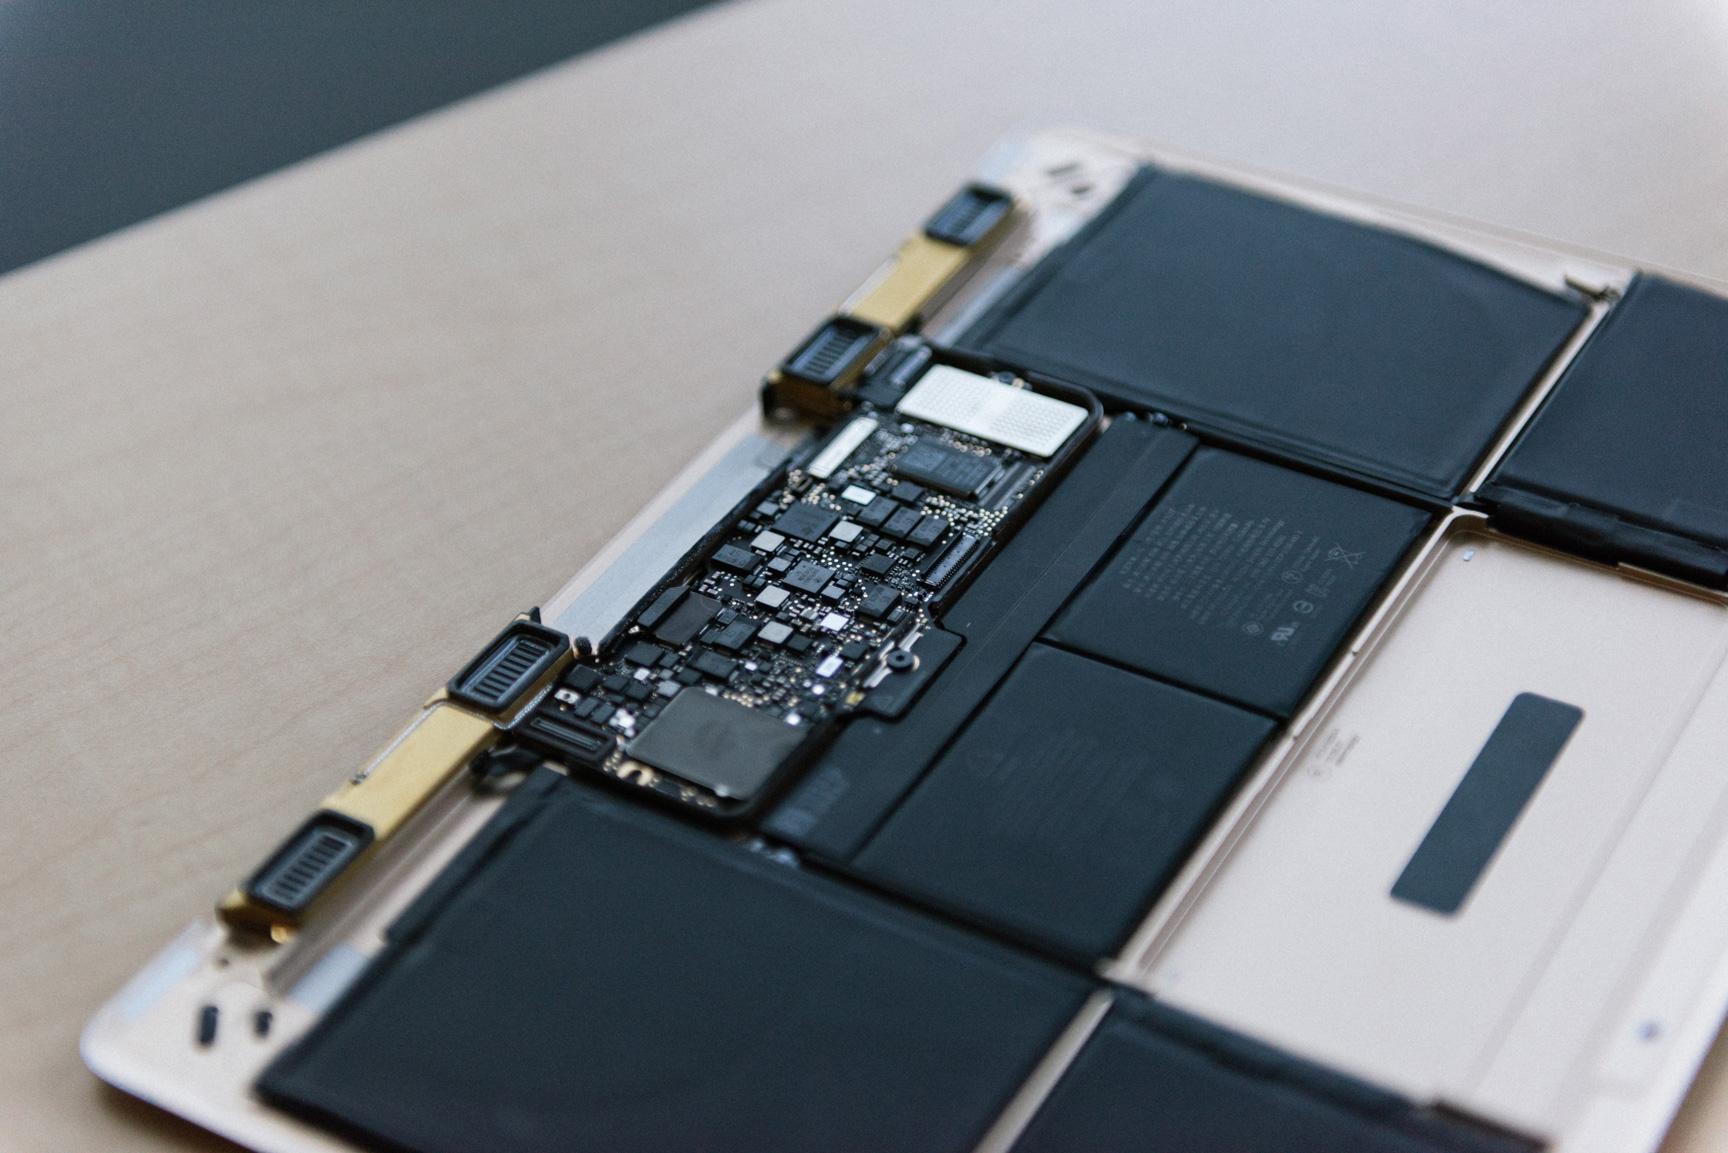 Placa lógica do novo MacBook